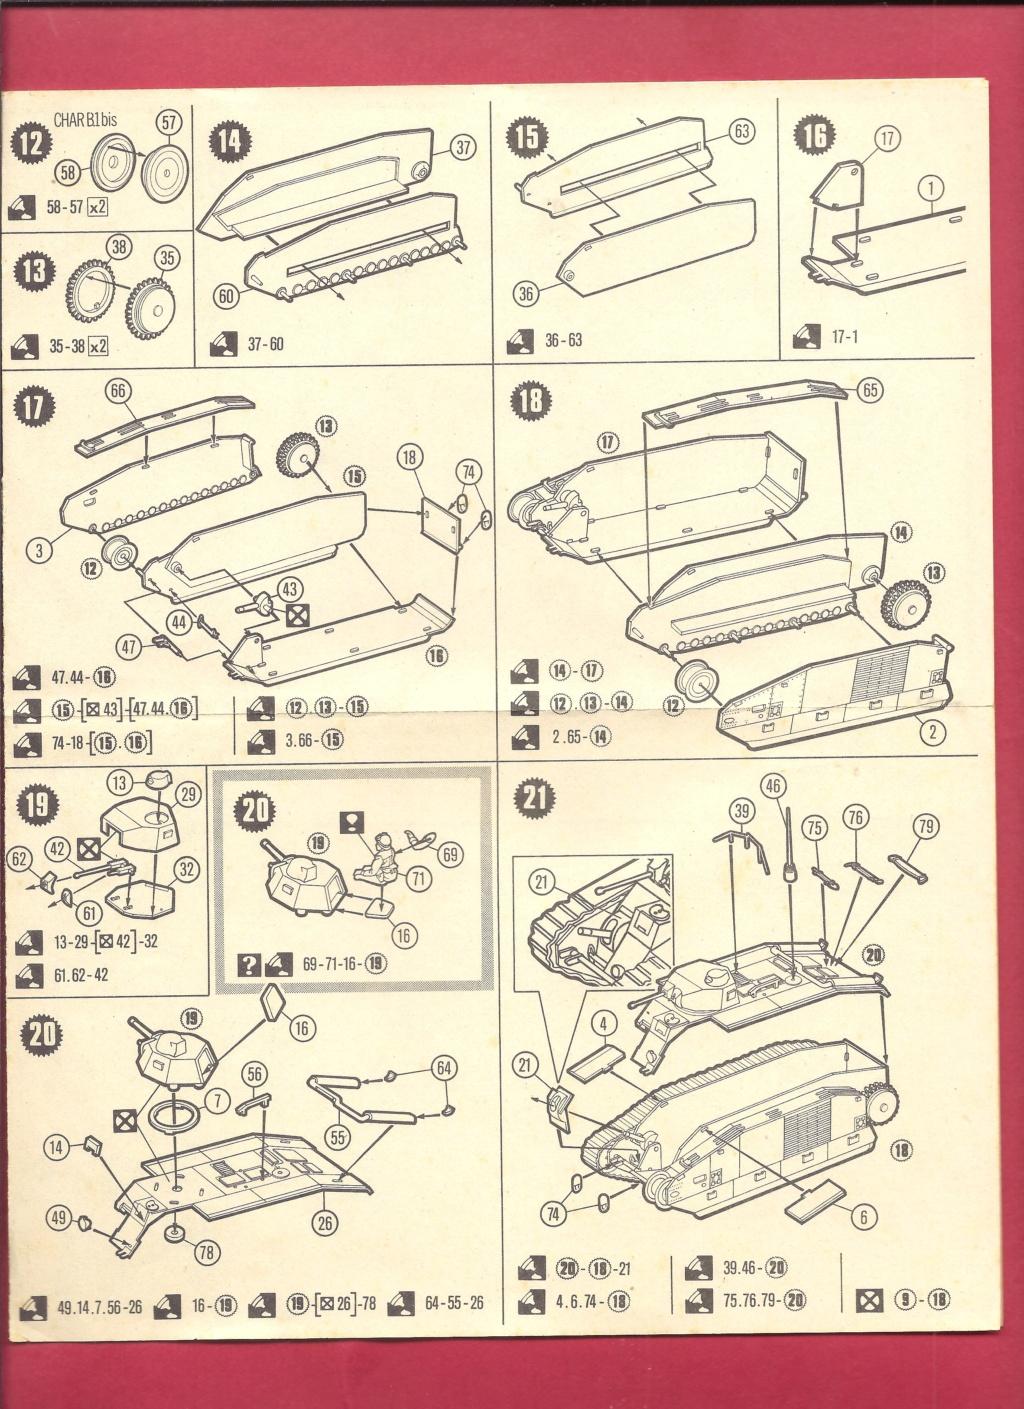 [MATCHBOX] Char B.1 bis et RENAULT FT 17 1/76ème Réf 40176 Notice Matchb24